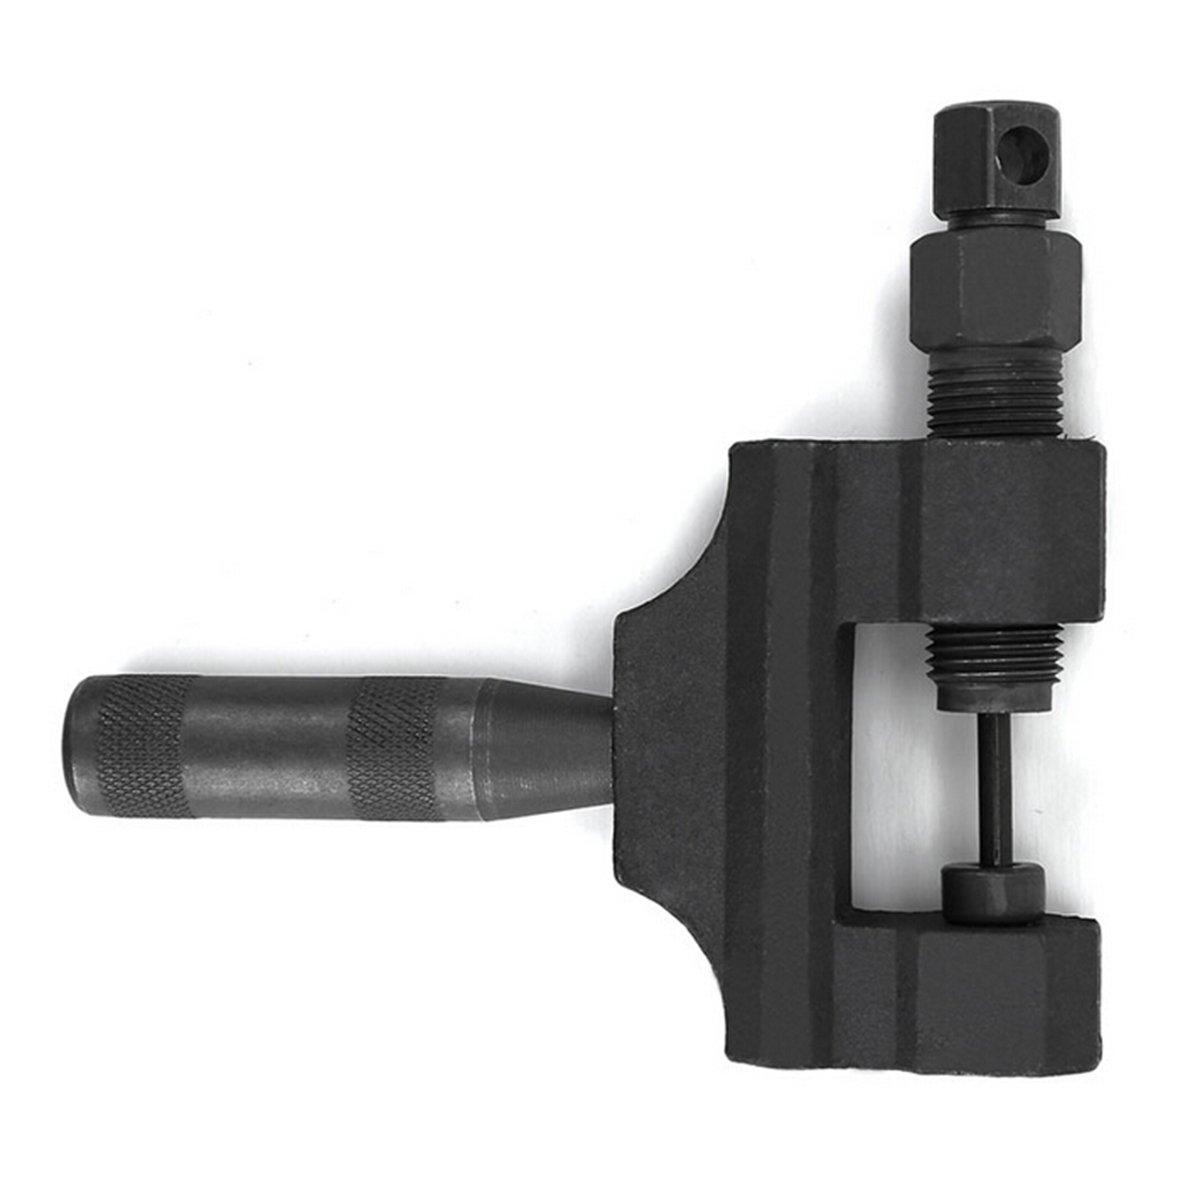 WINOMO herramienta profesional para reparación de cortacésped de ...